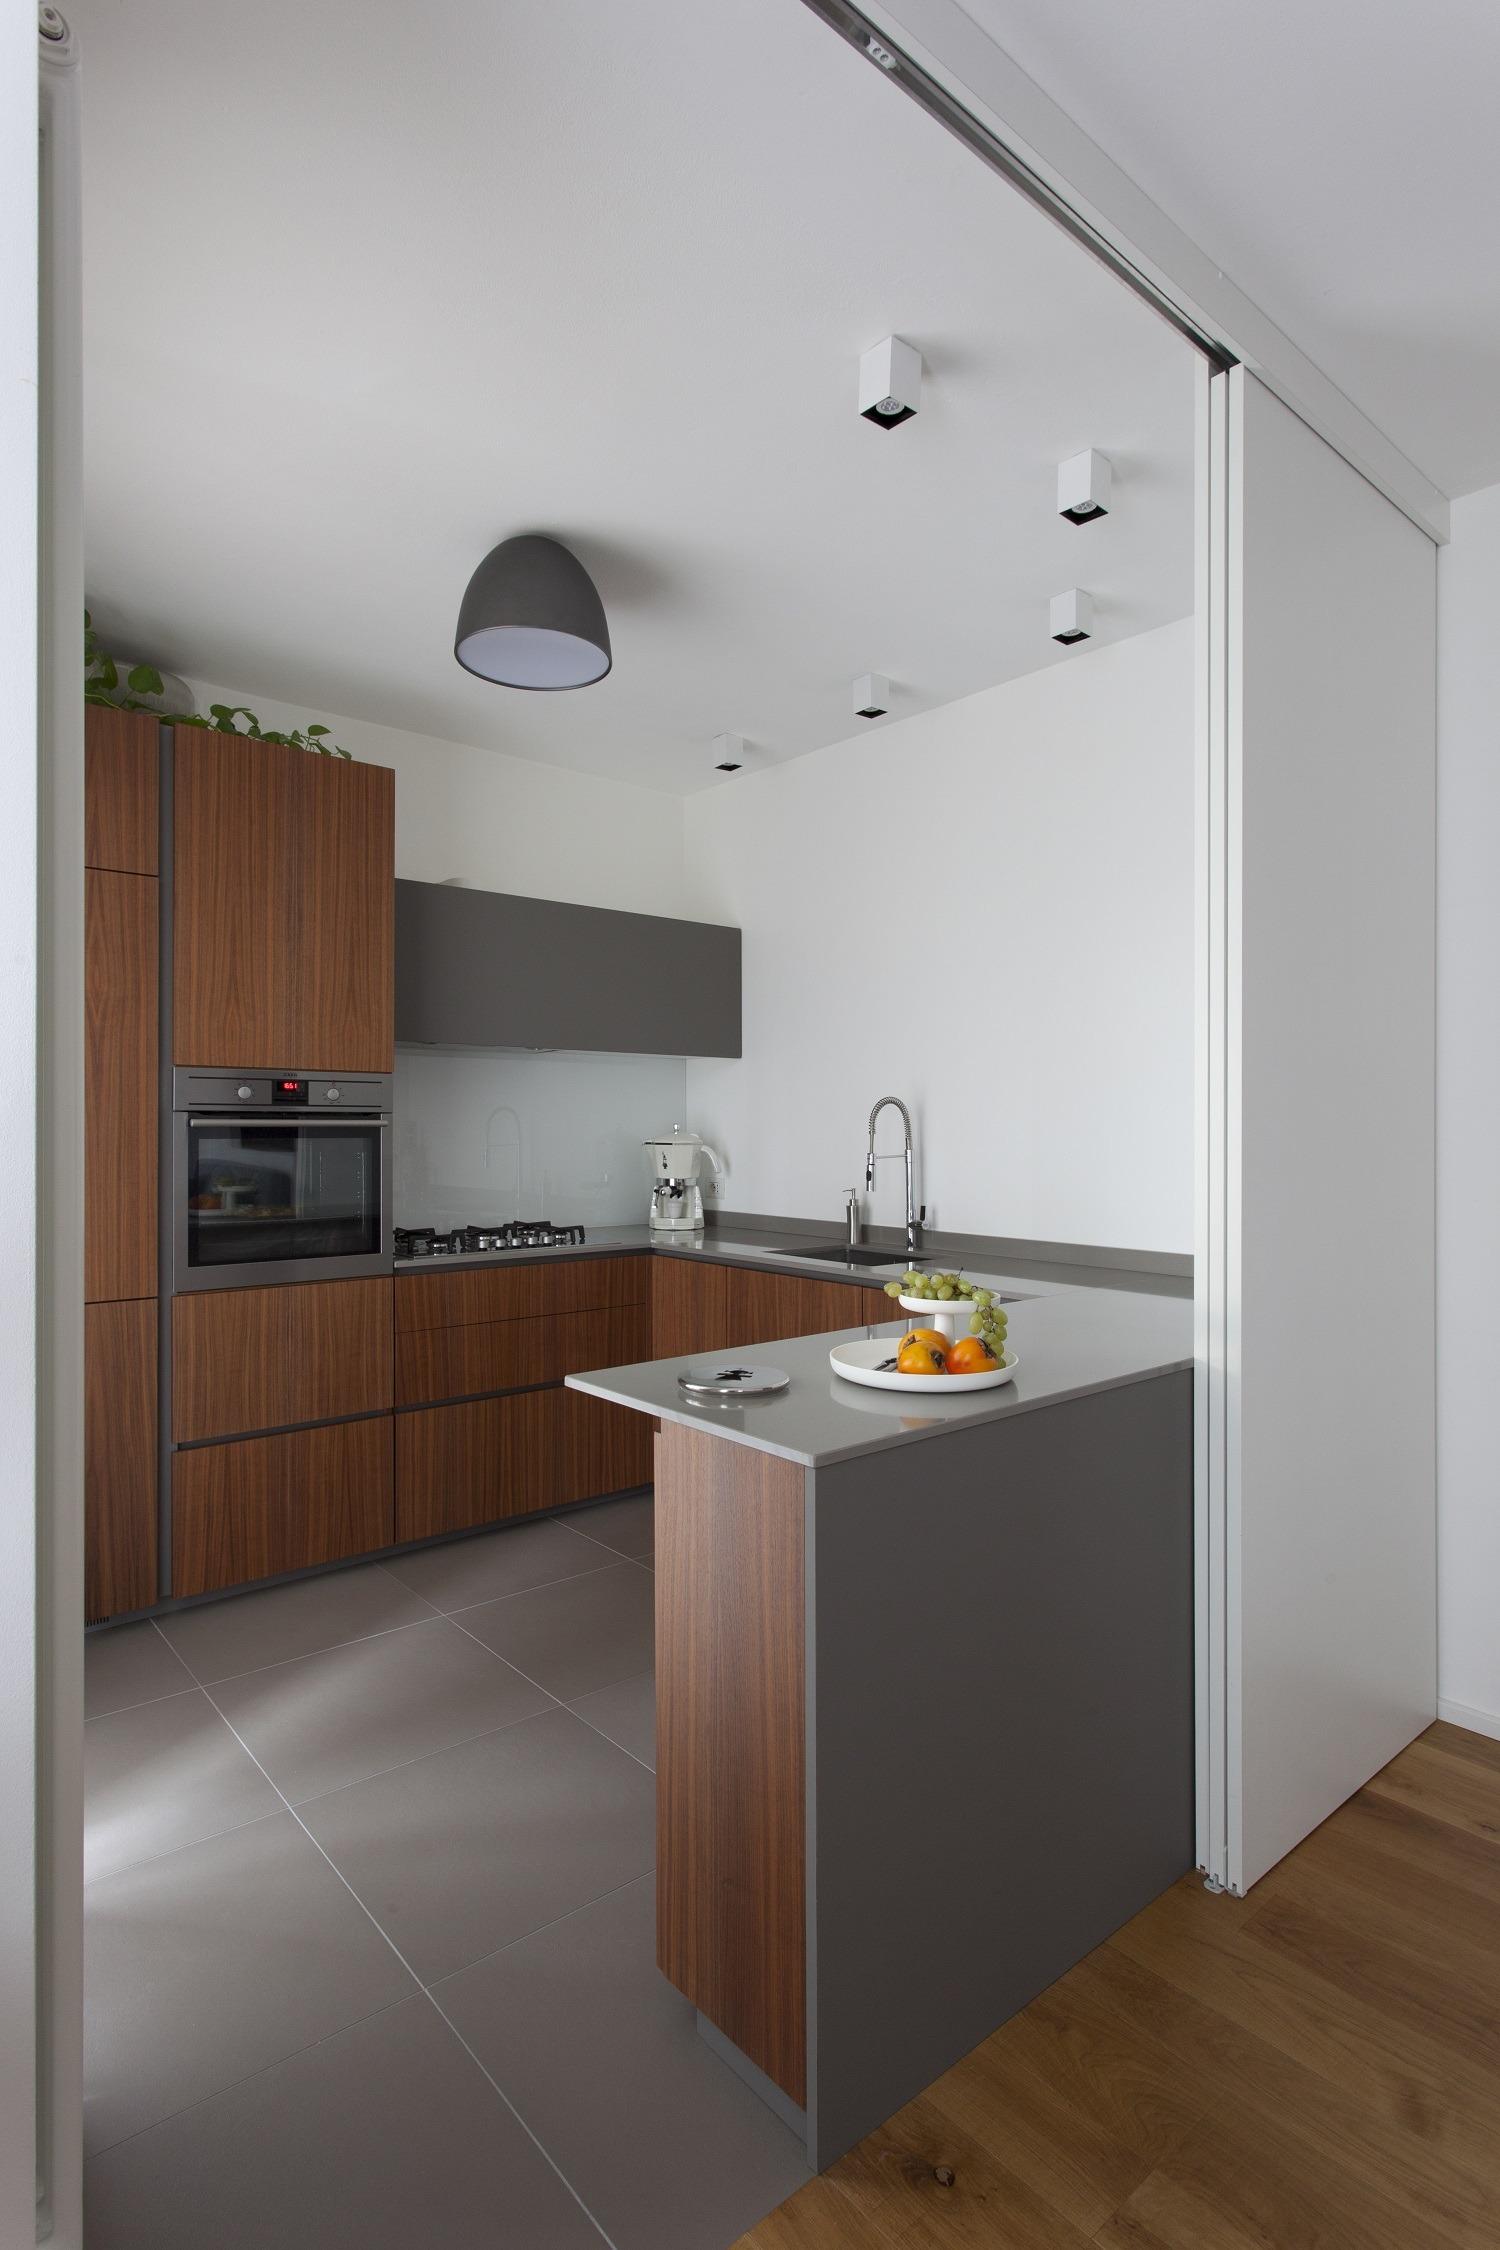 Cucina noce canaletto e Fenix NTM grigio Londra | P e R arredare di ...